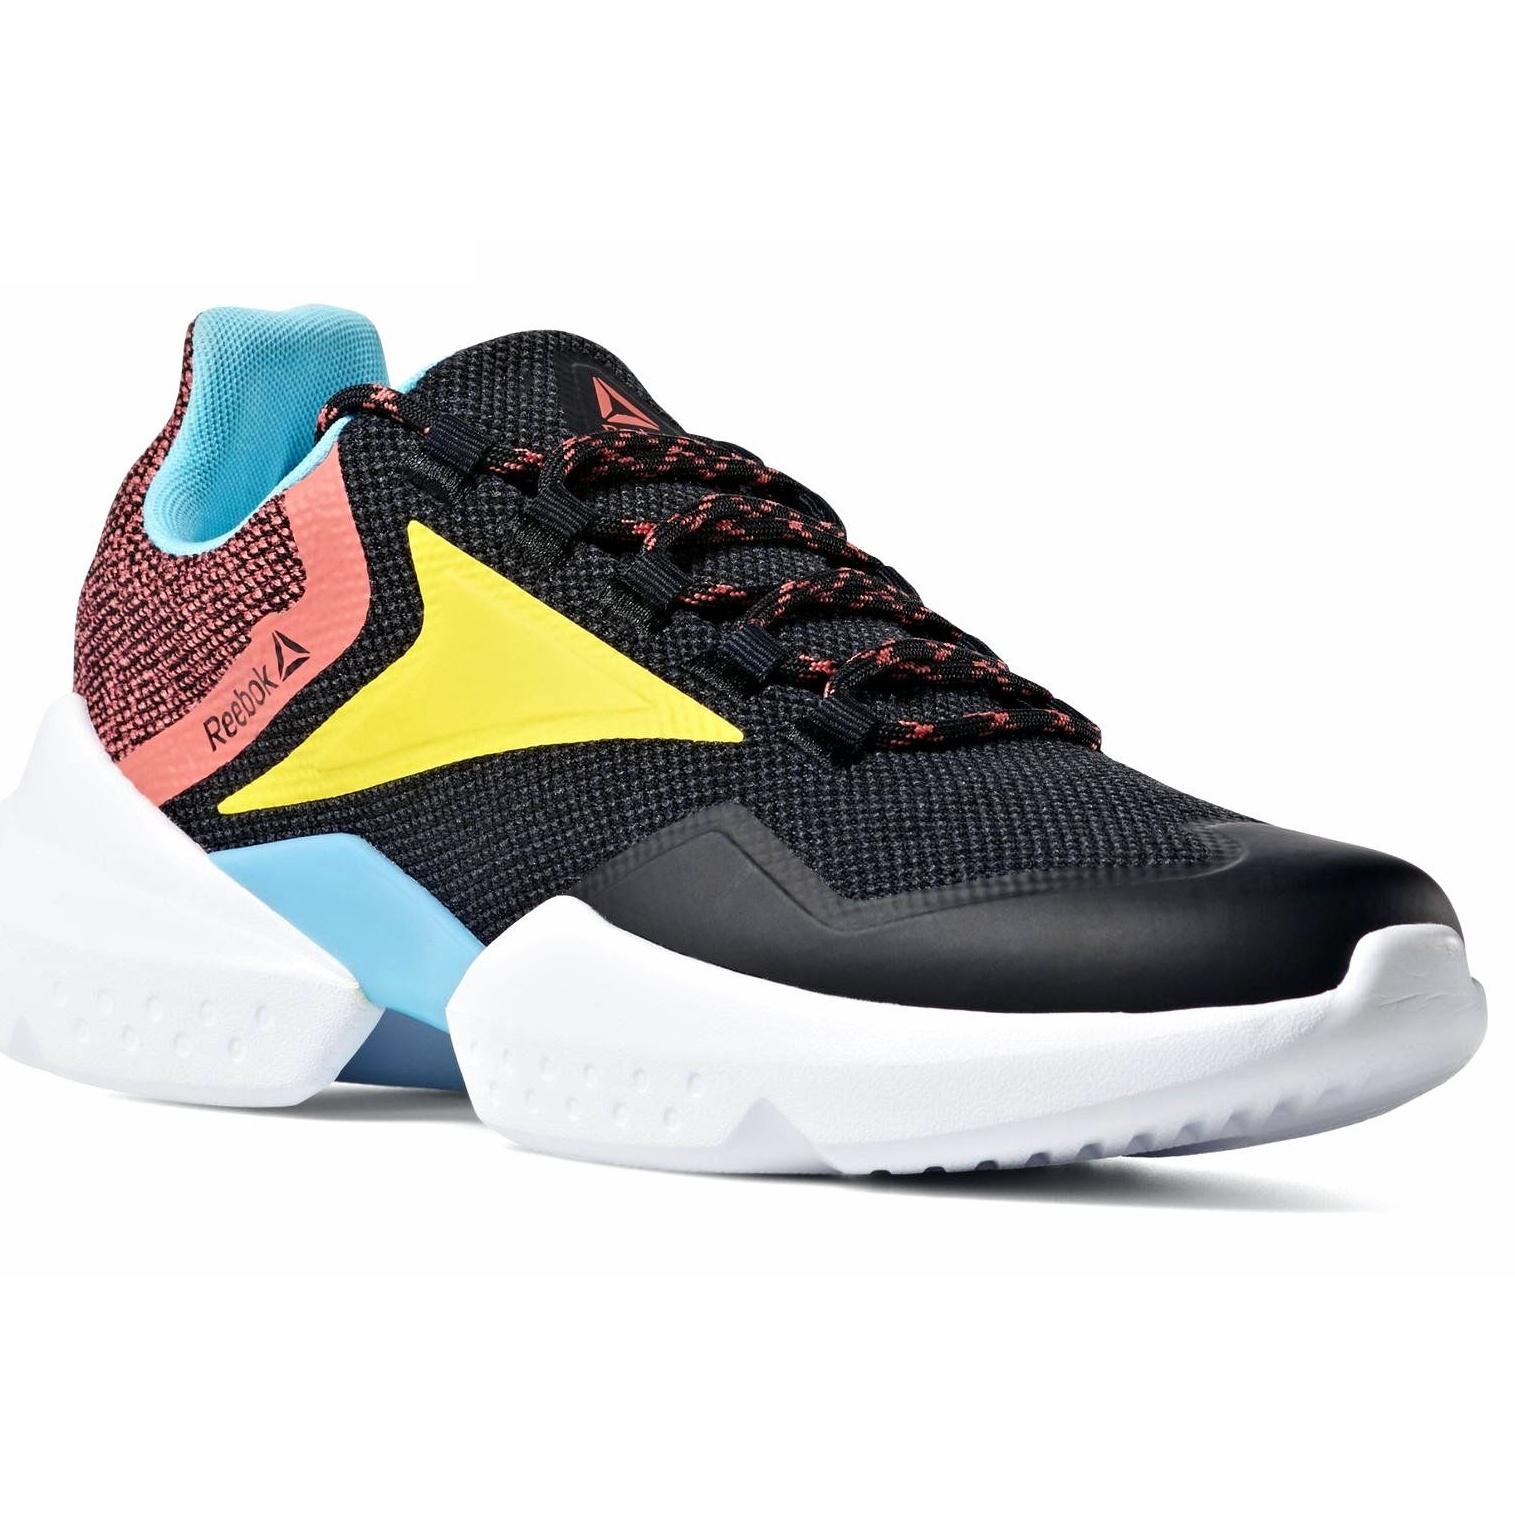 خرید                      کفش  پیاده روی مردانه مدل ROYAL RUPTURE کد CN7360